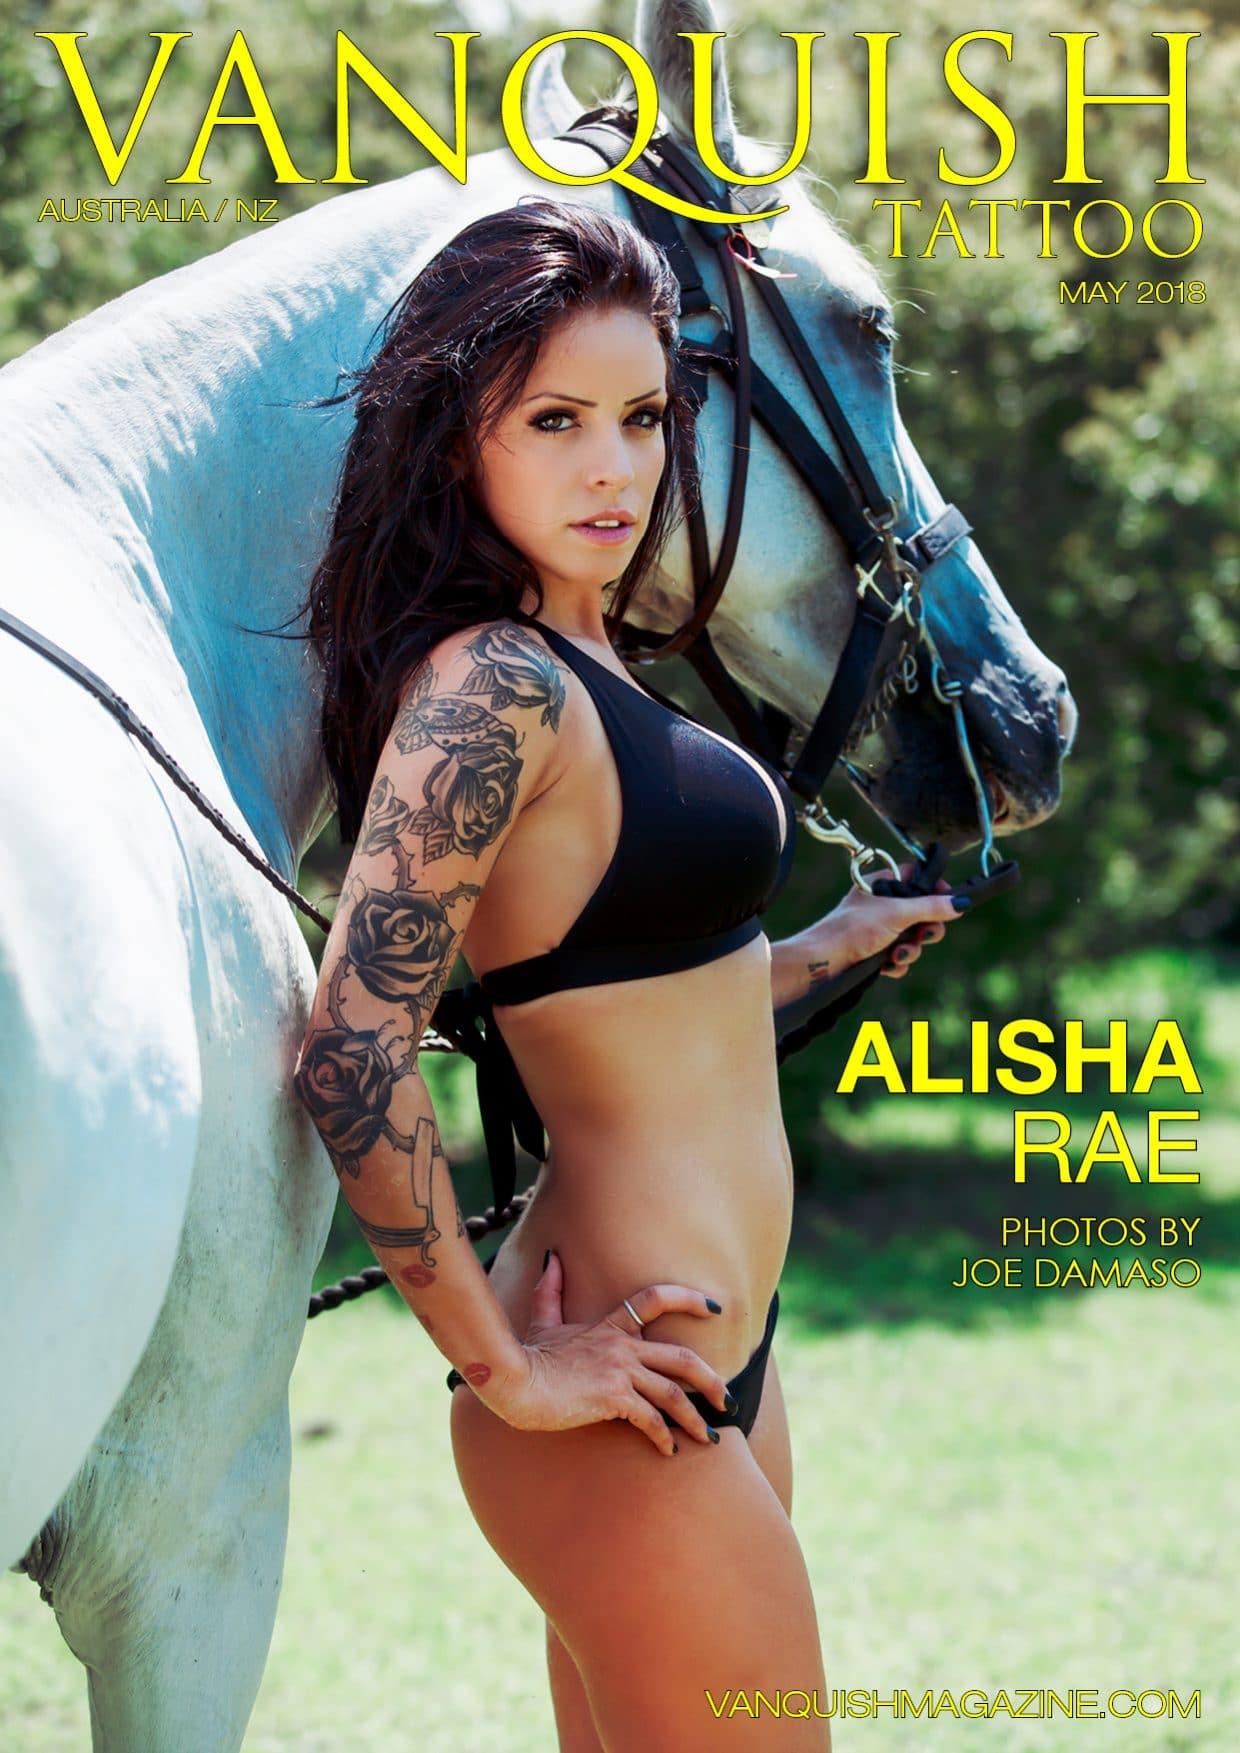 Vanquish Tattoo Magazine – May 2018 – Alisha Rae